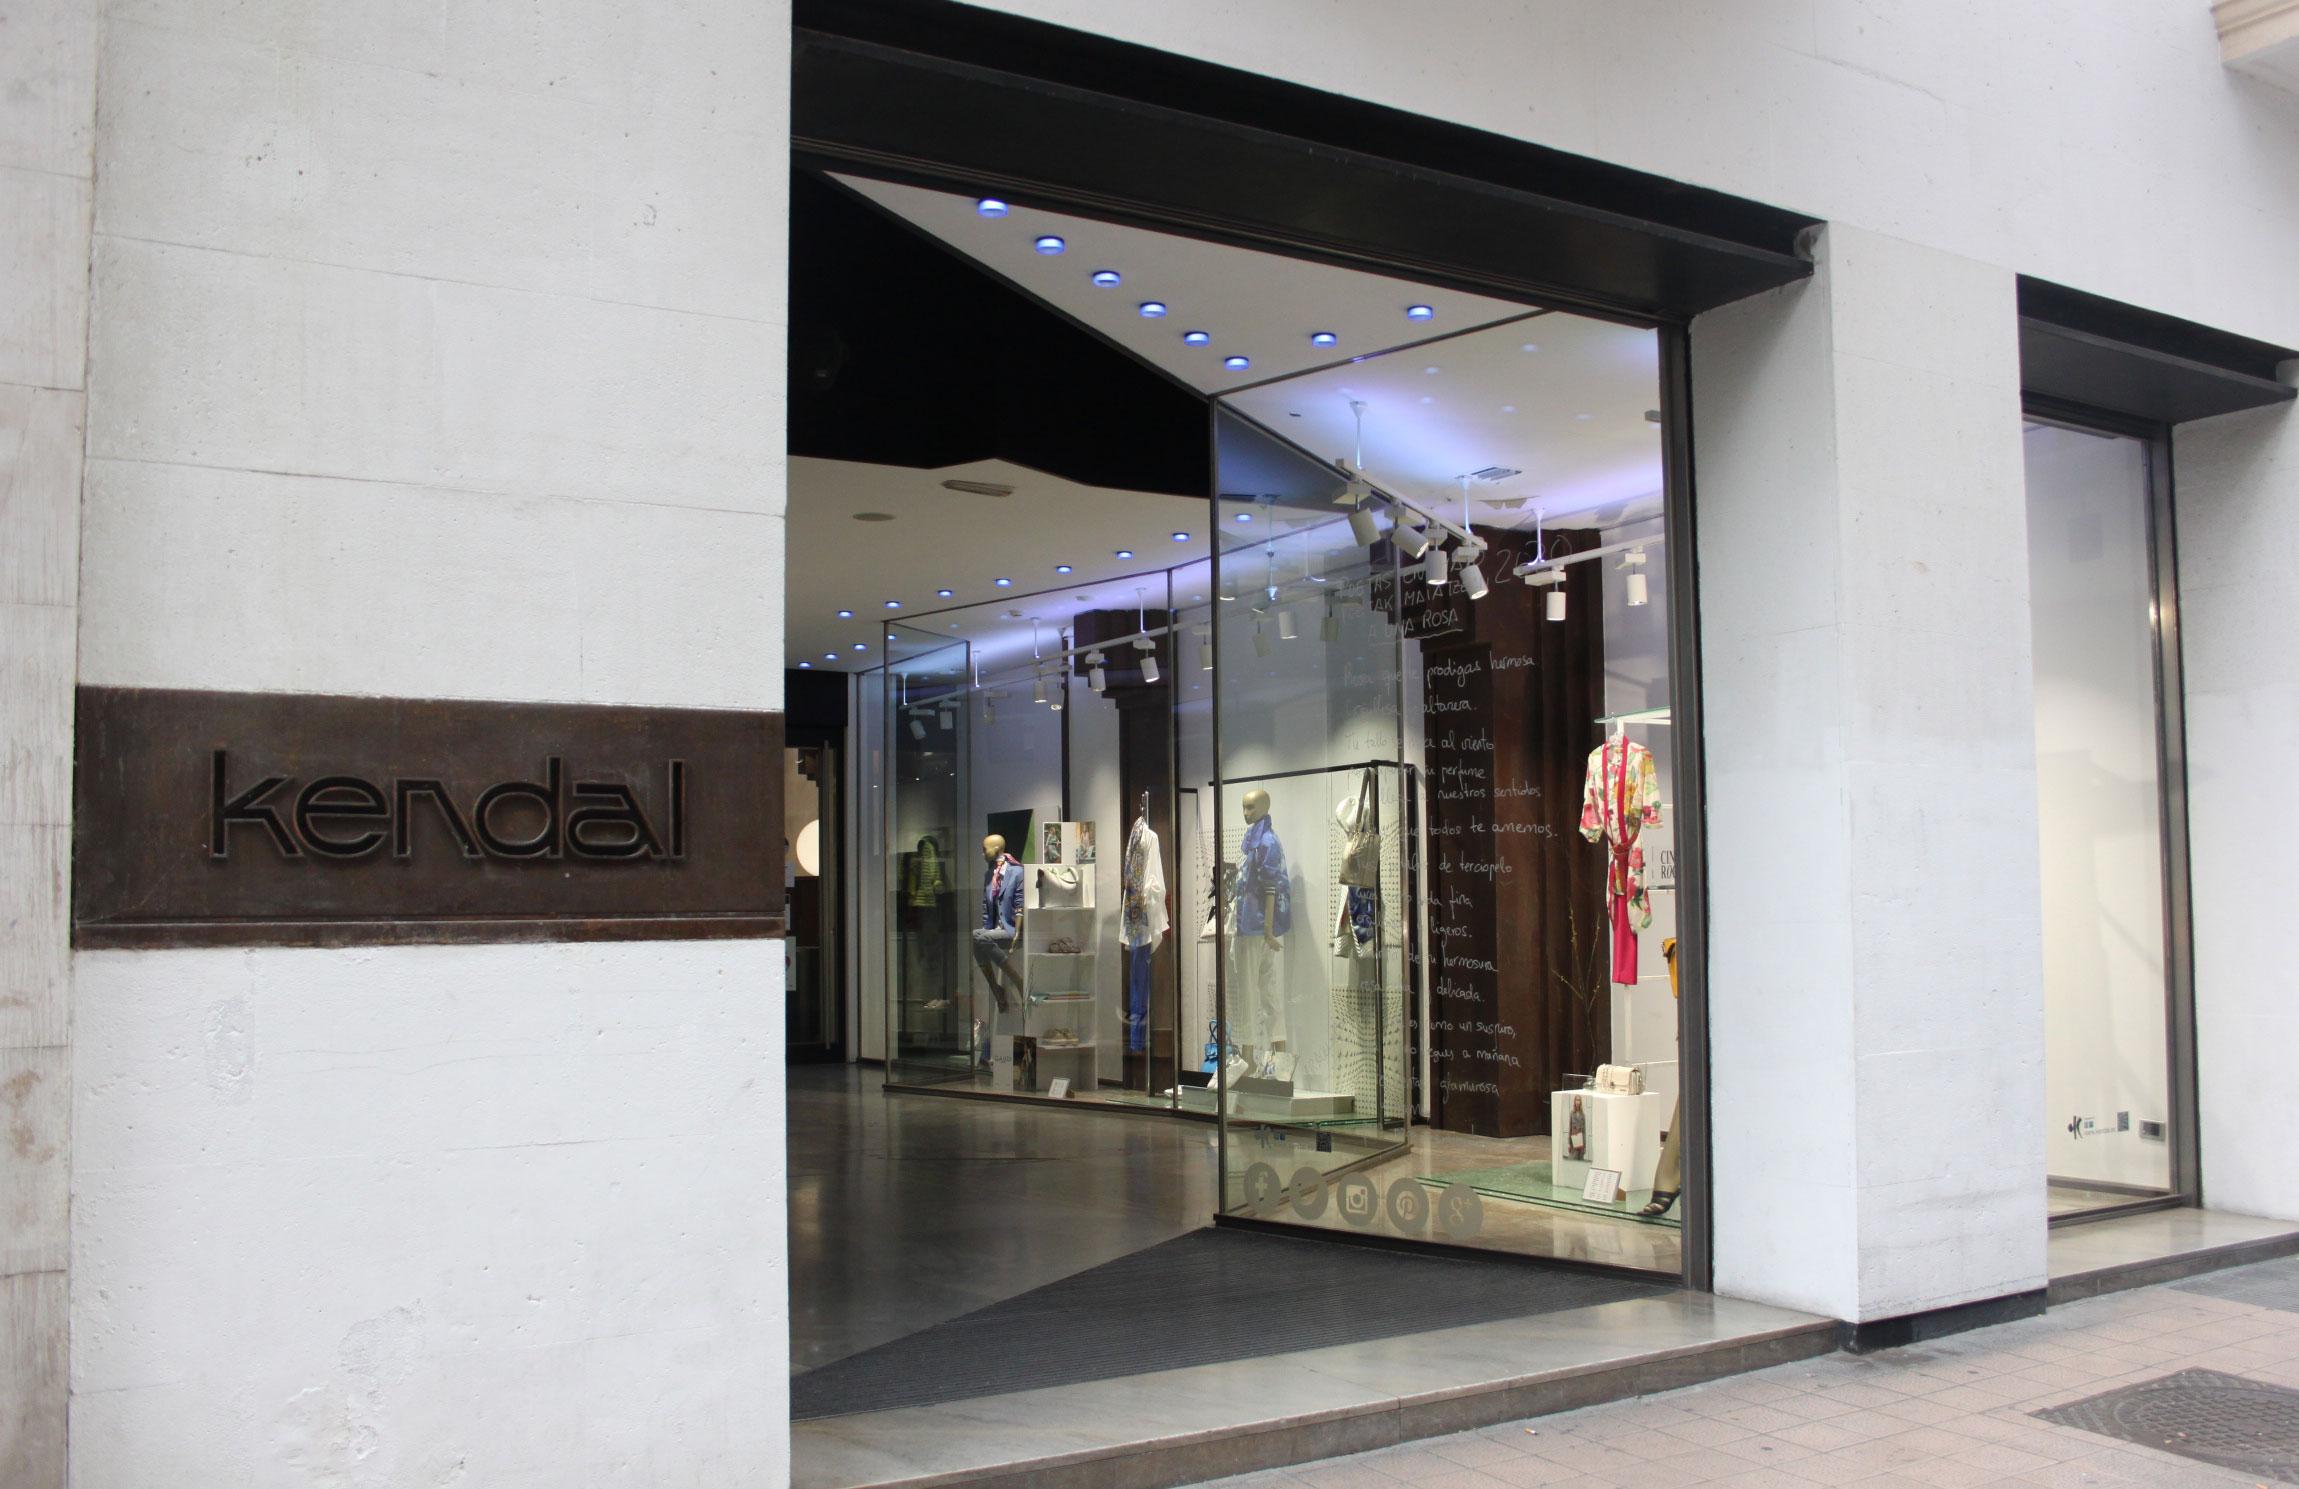 Kendal - Tienda de moda mujer en Vitoria